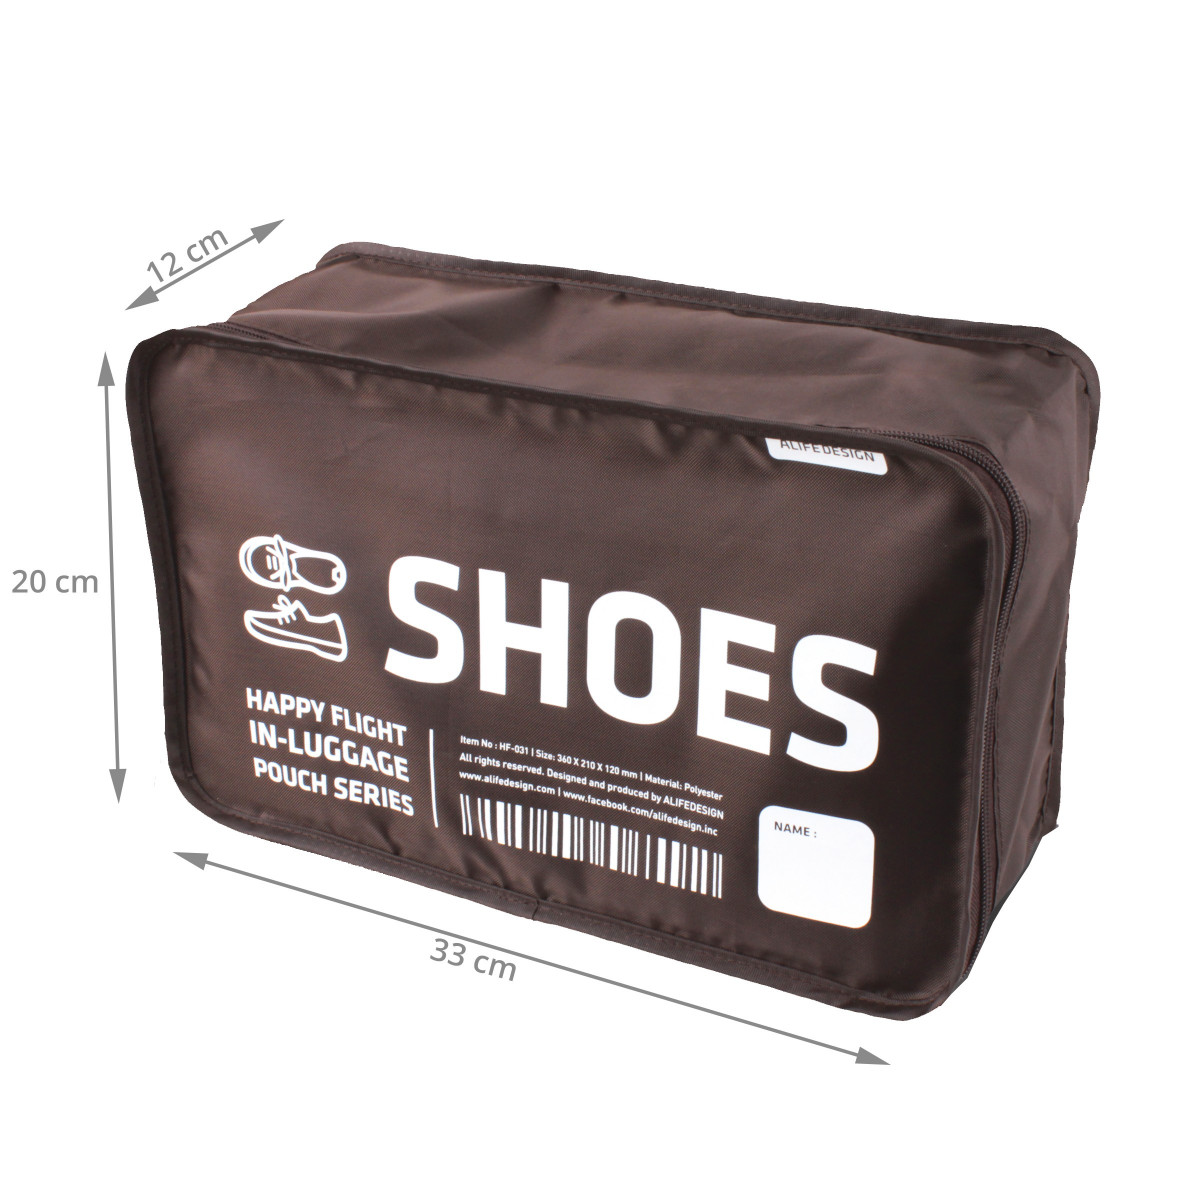 Housse chaussures marron rangement valise for Housse de voyage